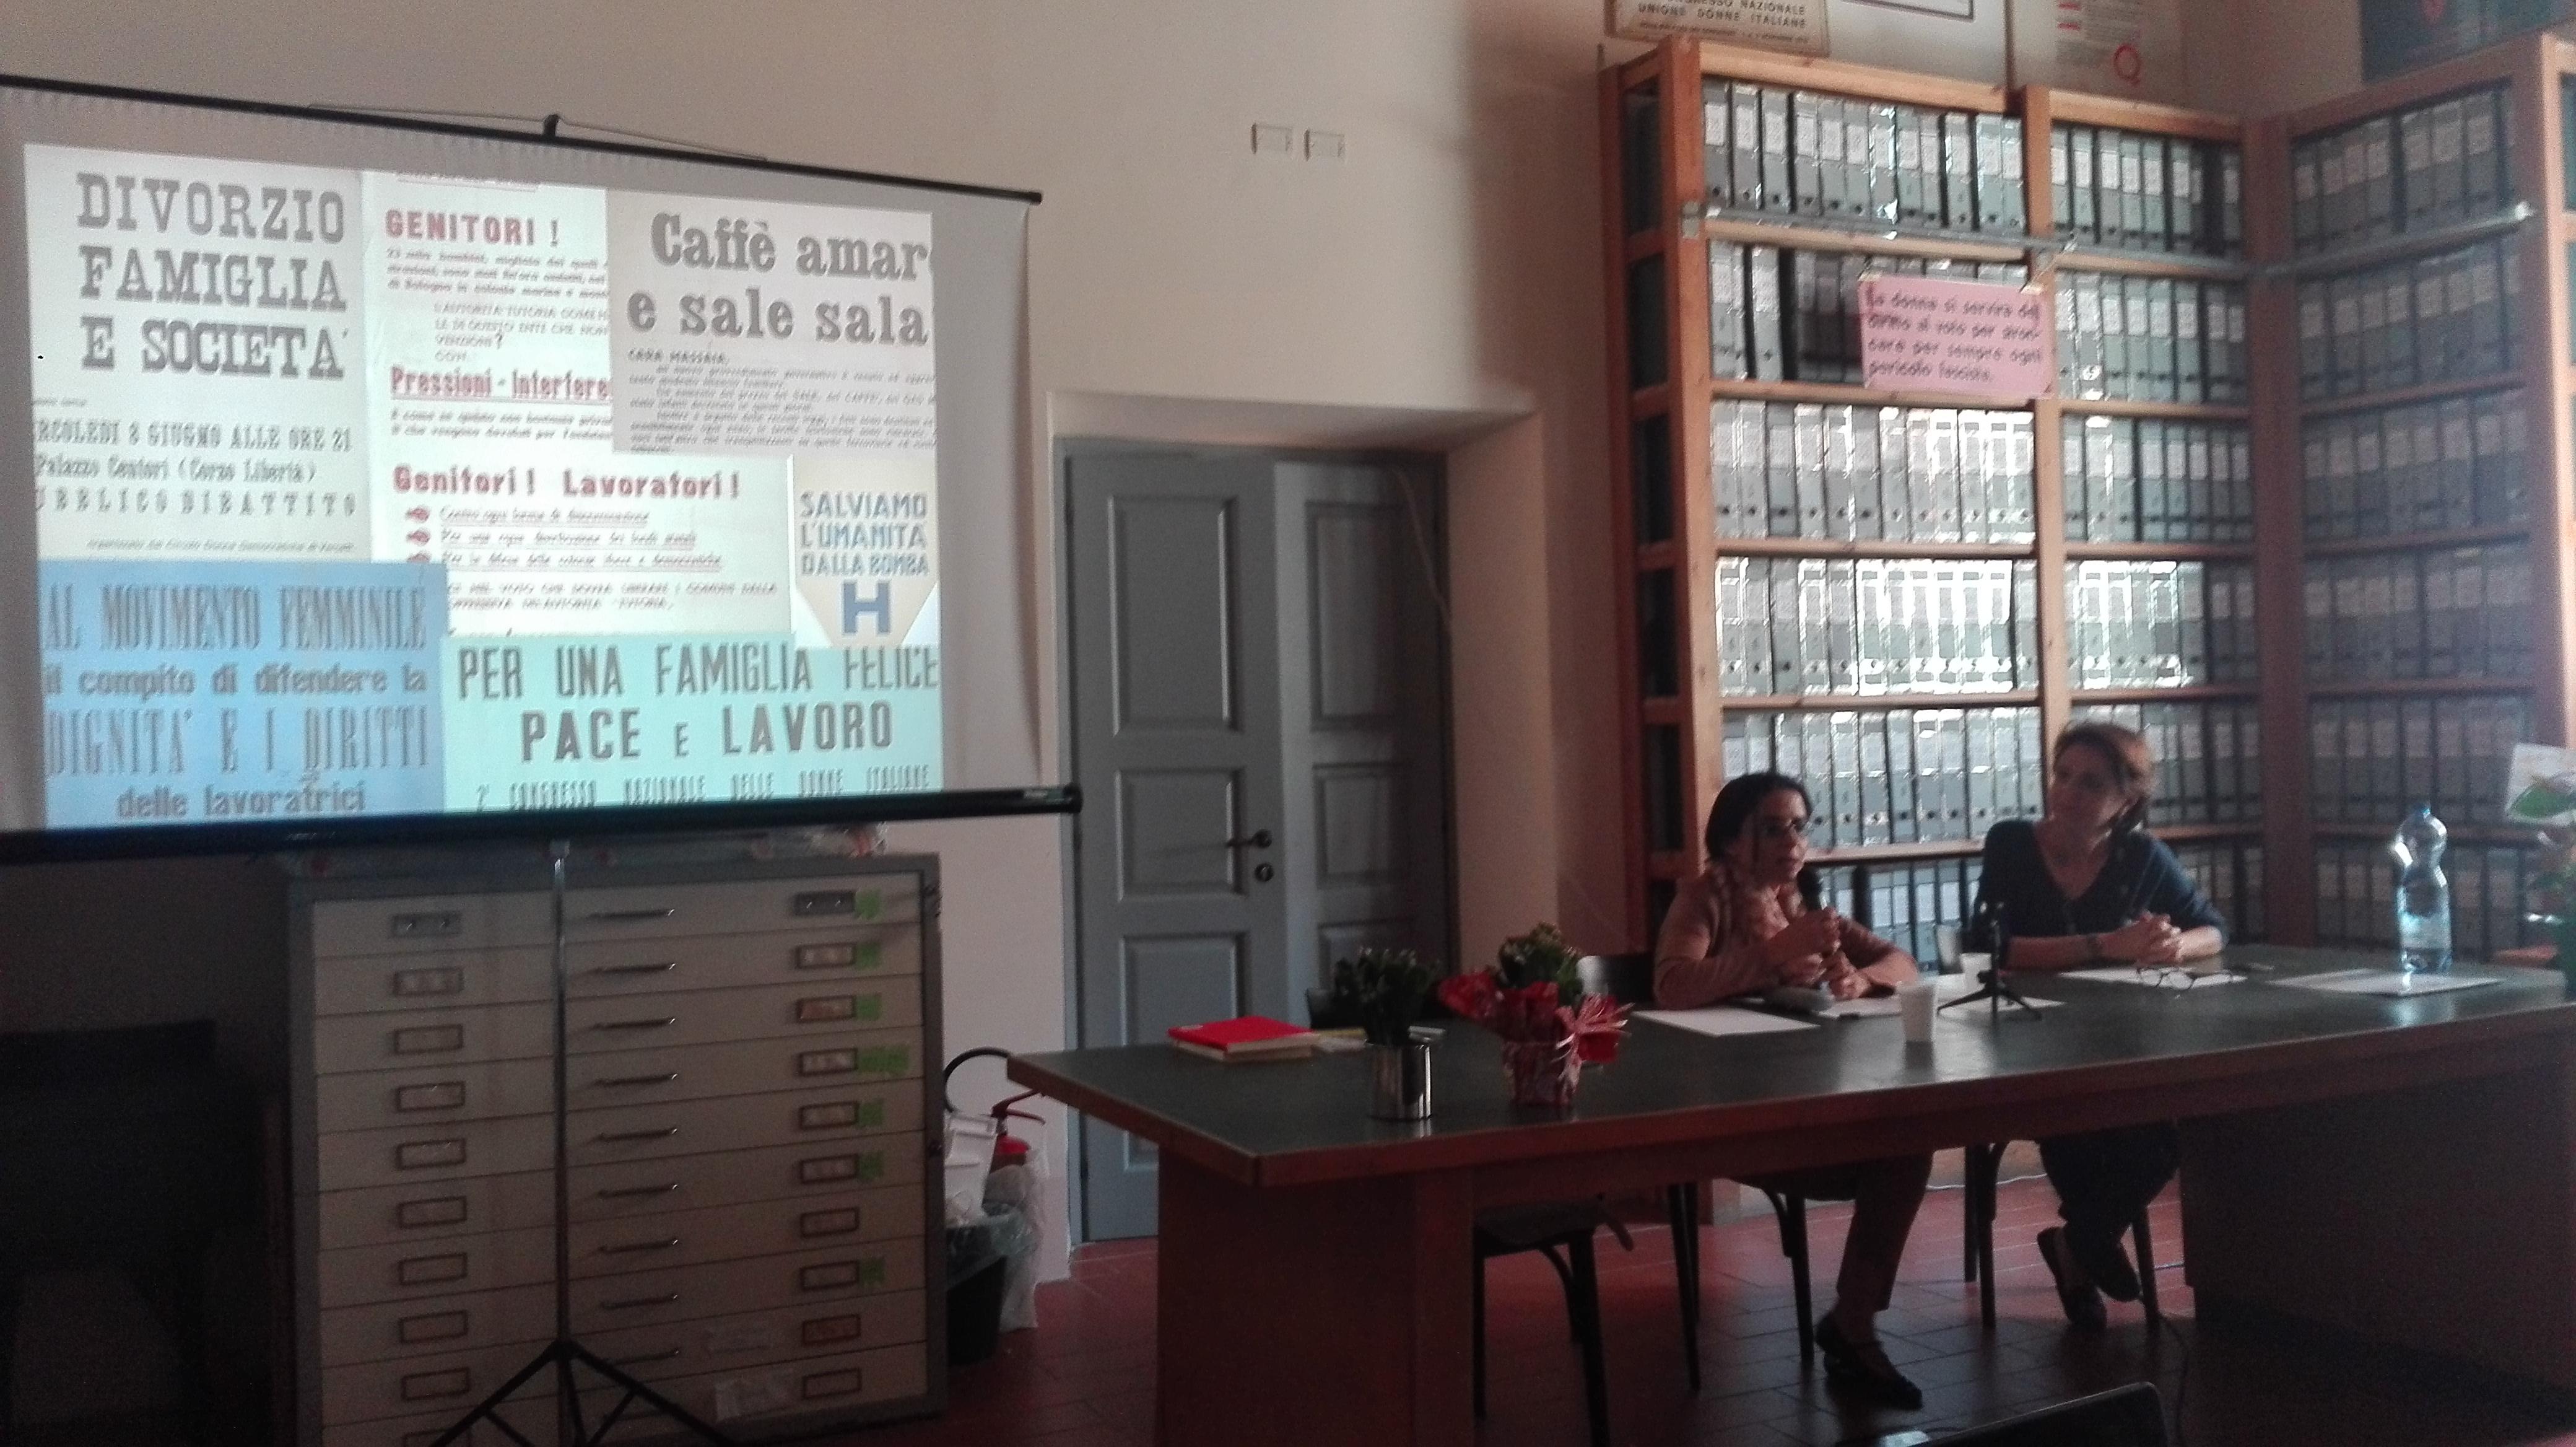 Anna Villari - Struttura di Missione Consiglio dei Ministri e Docente;  Linda Giuva - Docente e responsabile scientifica Archivio Centrale UDI